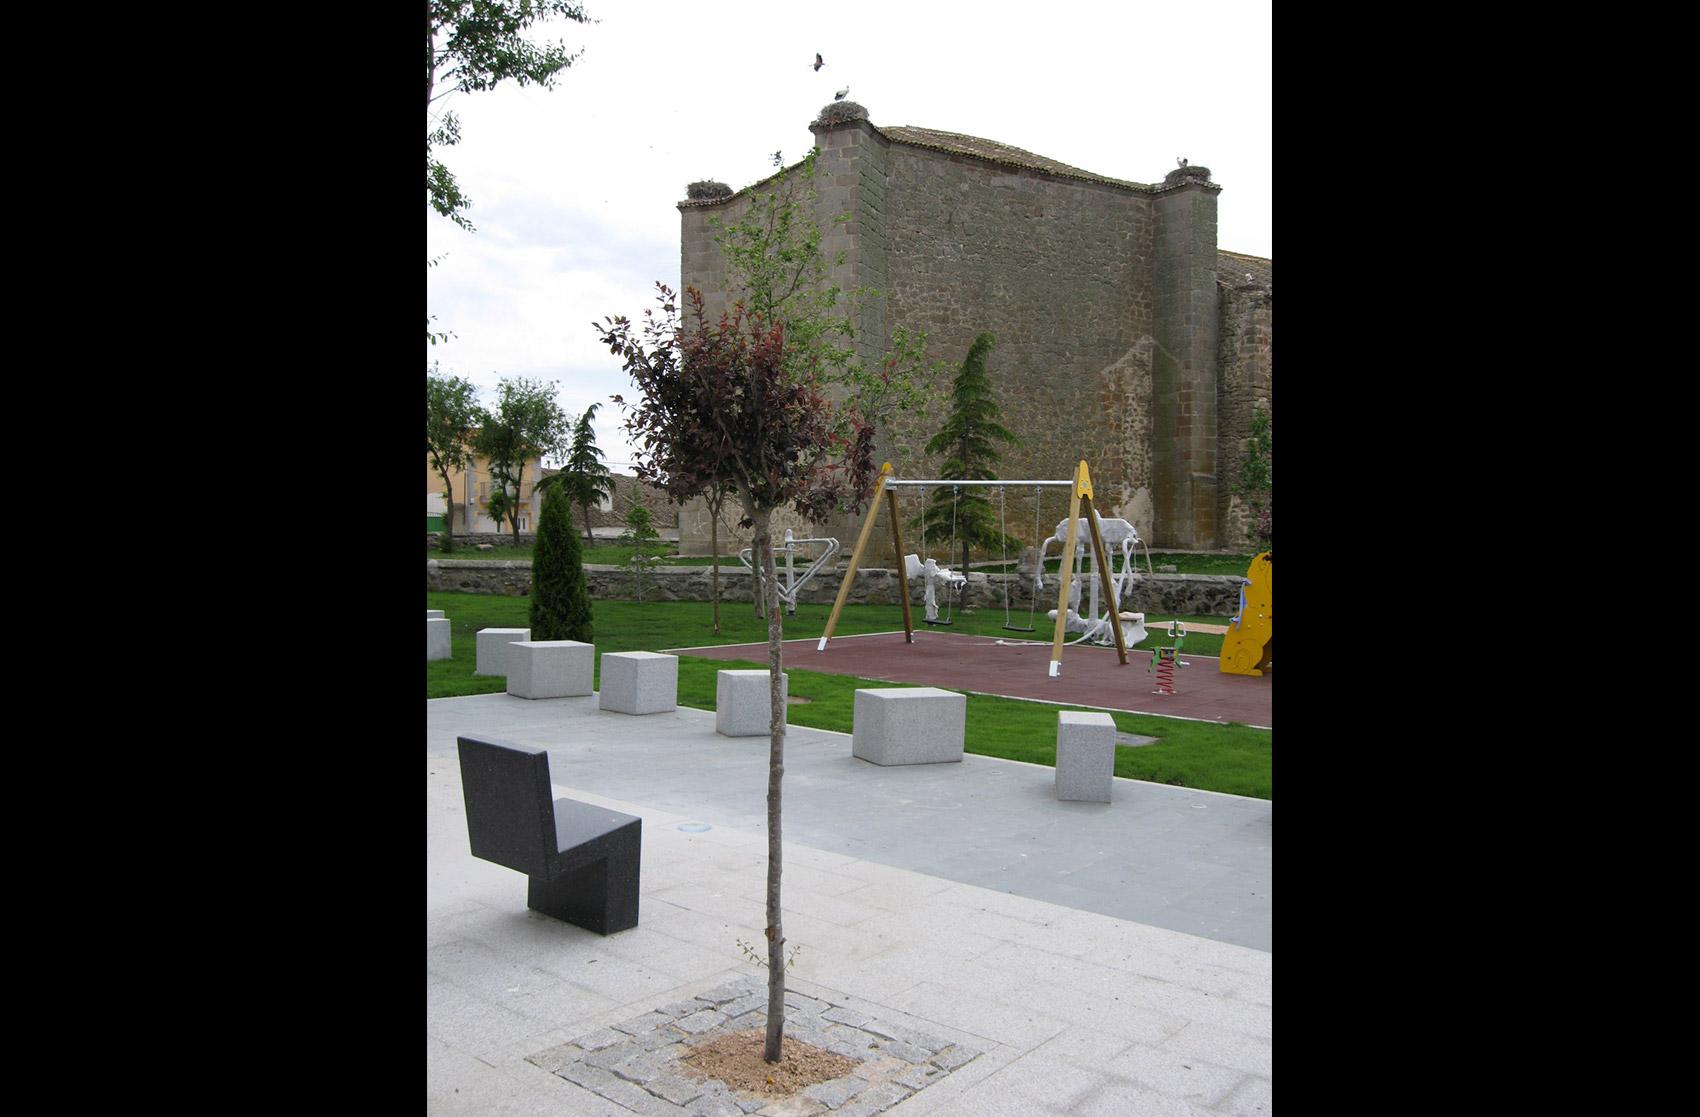 mobiliario urbano en el parque de Navas de San Antonio